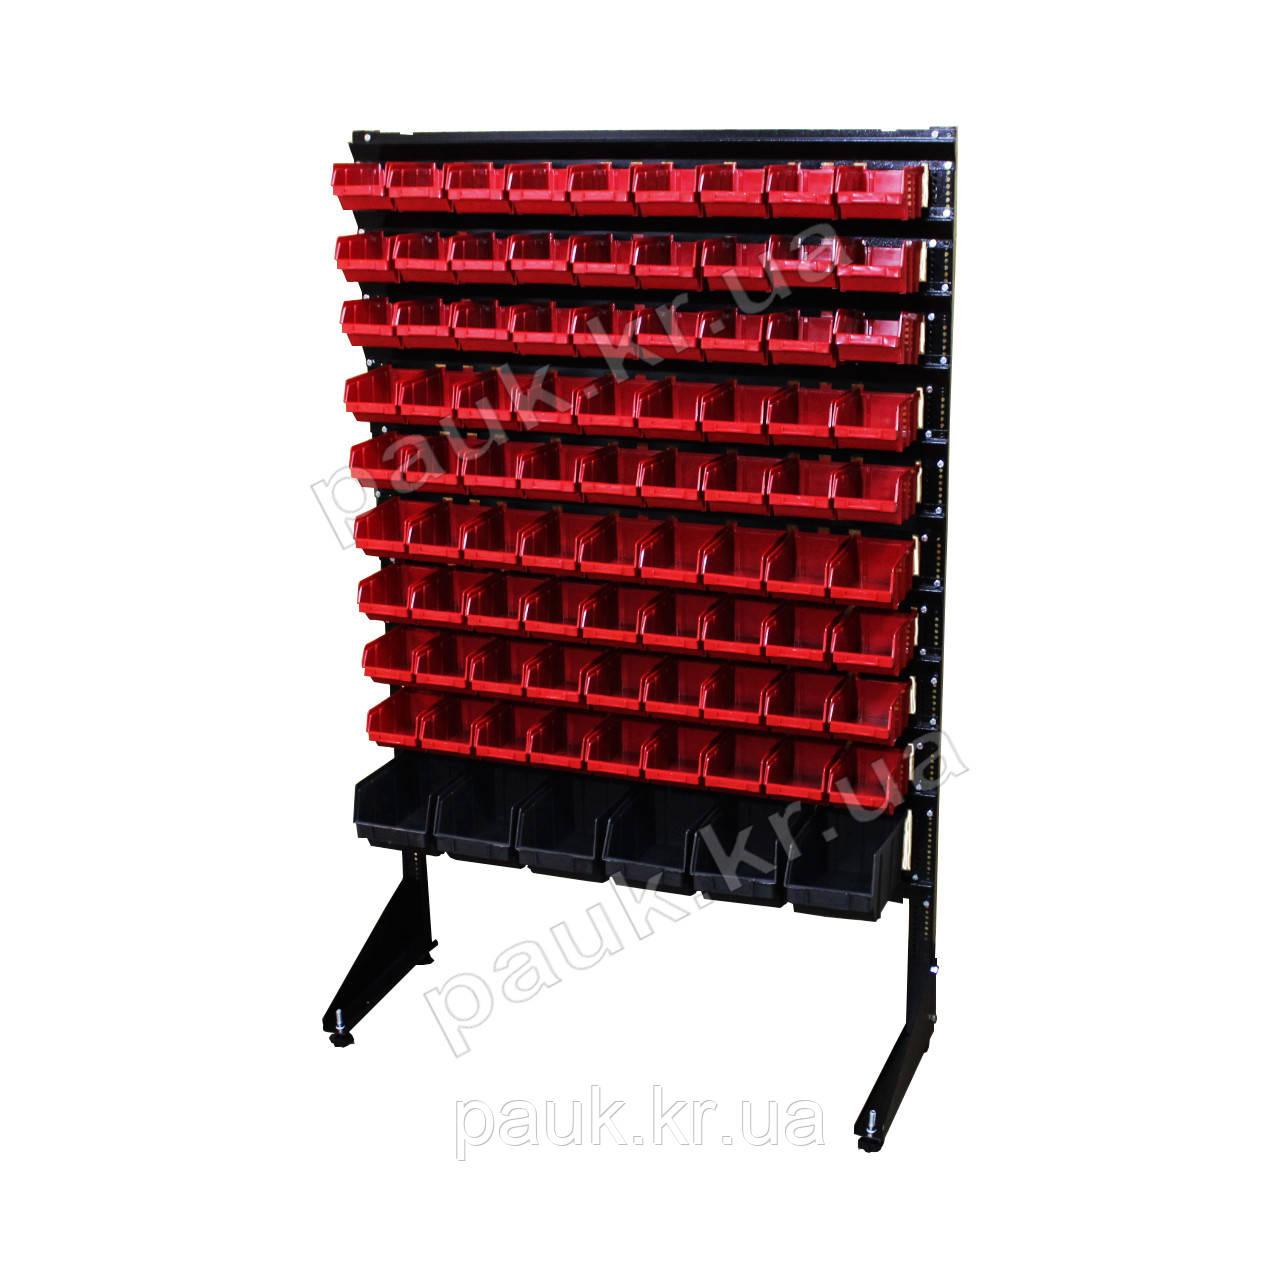 Органайзер для метизов Н1500 мм 87 ящика, односторонний стеллаж для хранения мелких деталей В/С